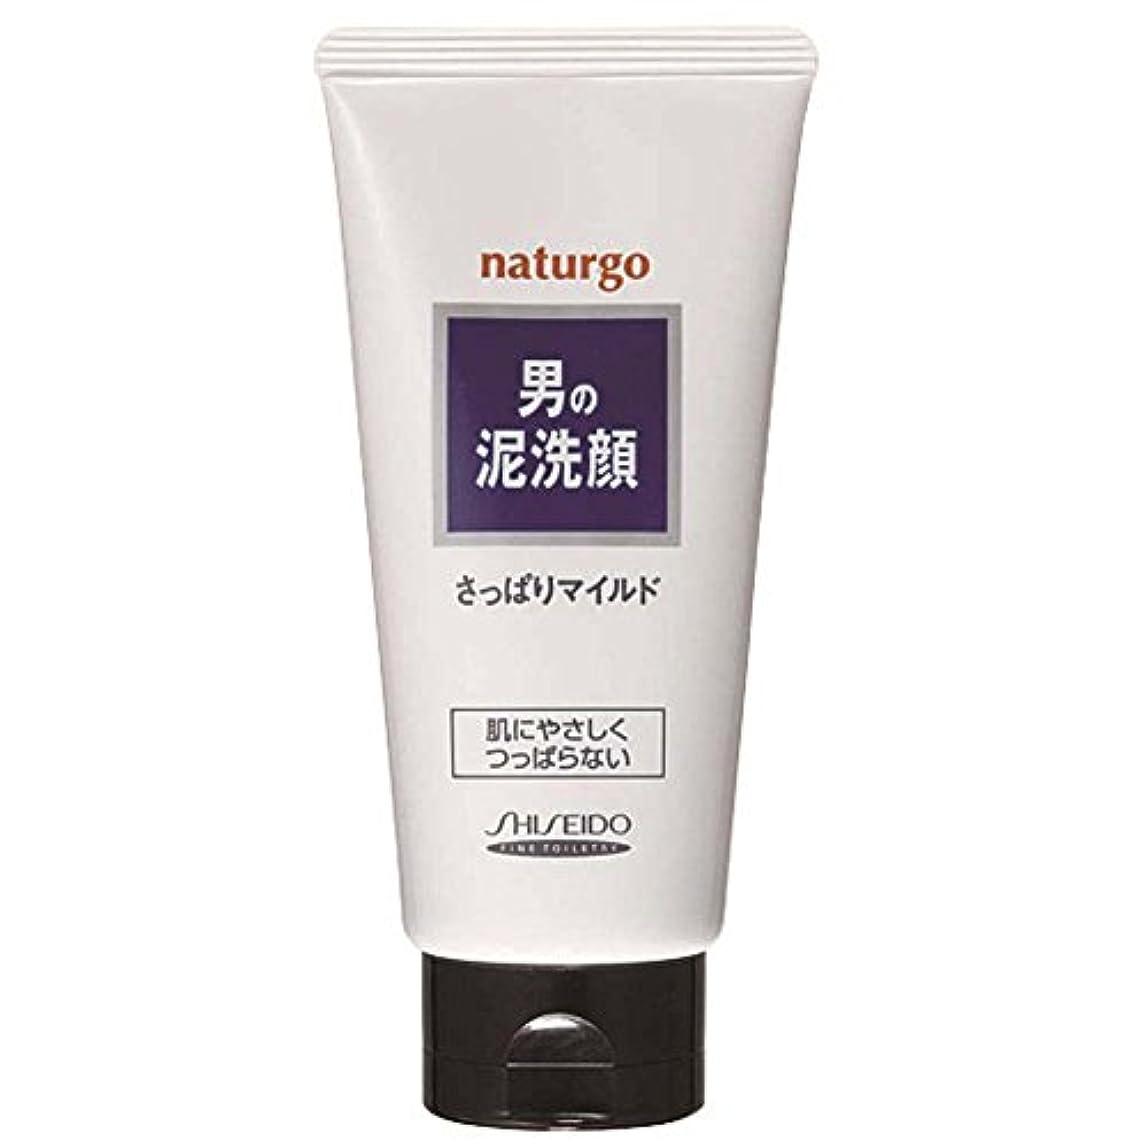 ハチヒット枯渇するナチュルゴ メンズクレイ洗顔フォーム白 130g [並行輸入品]